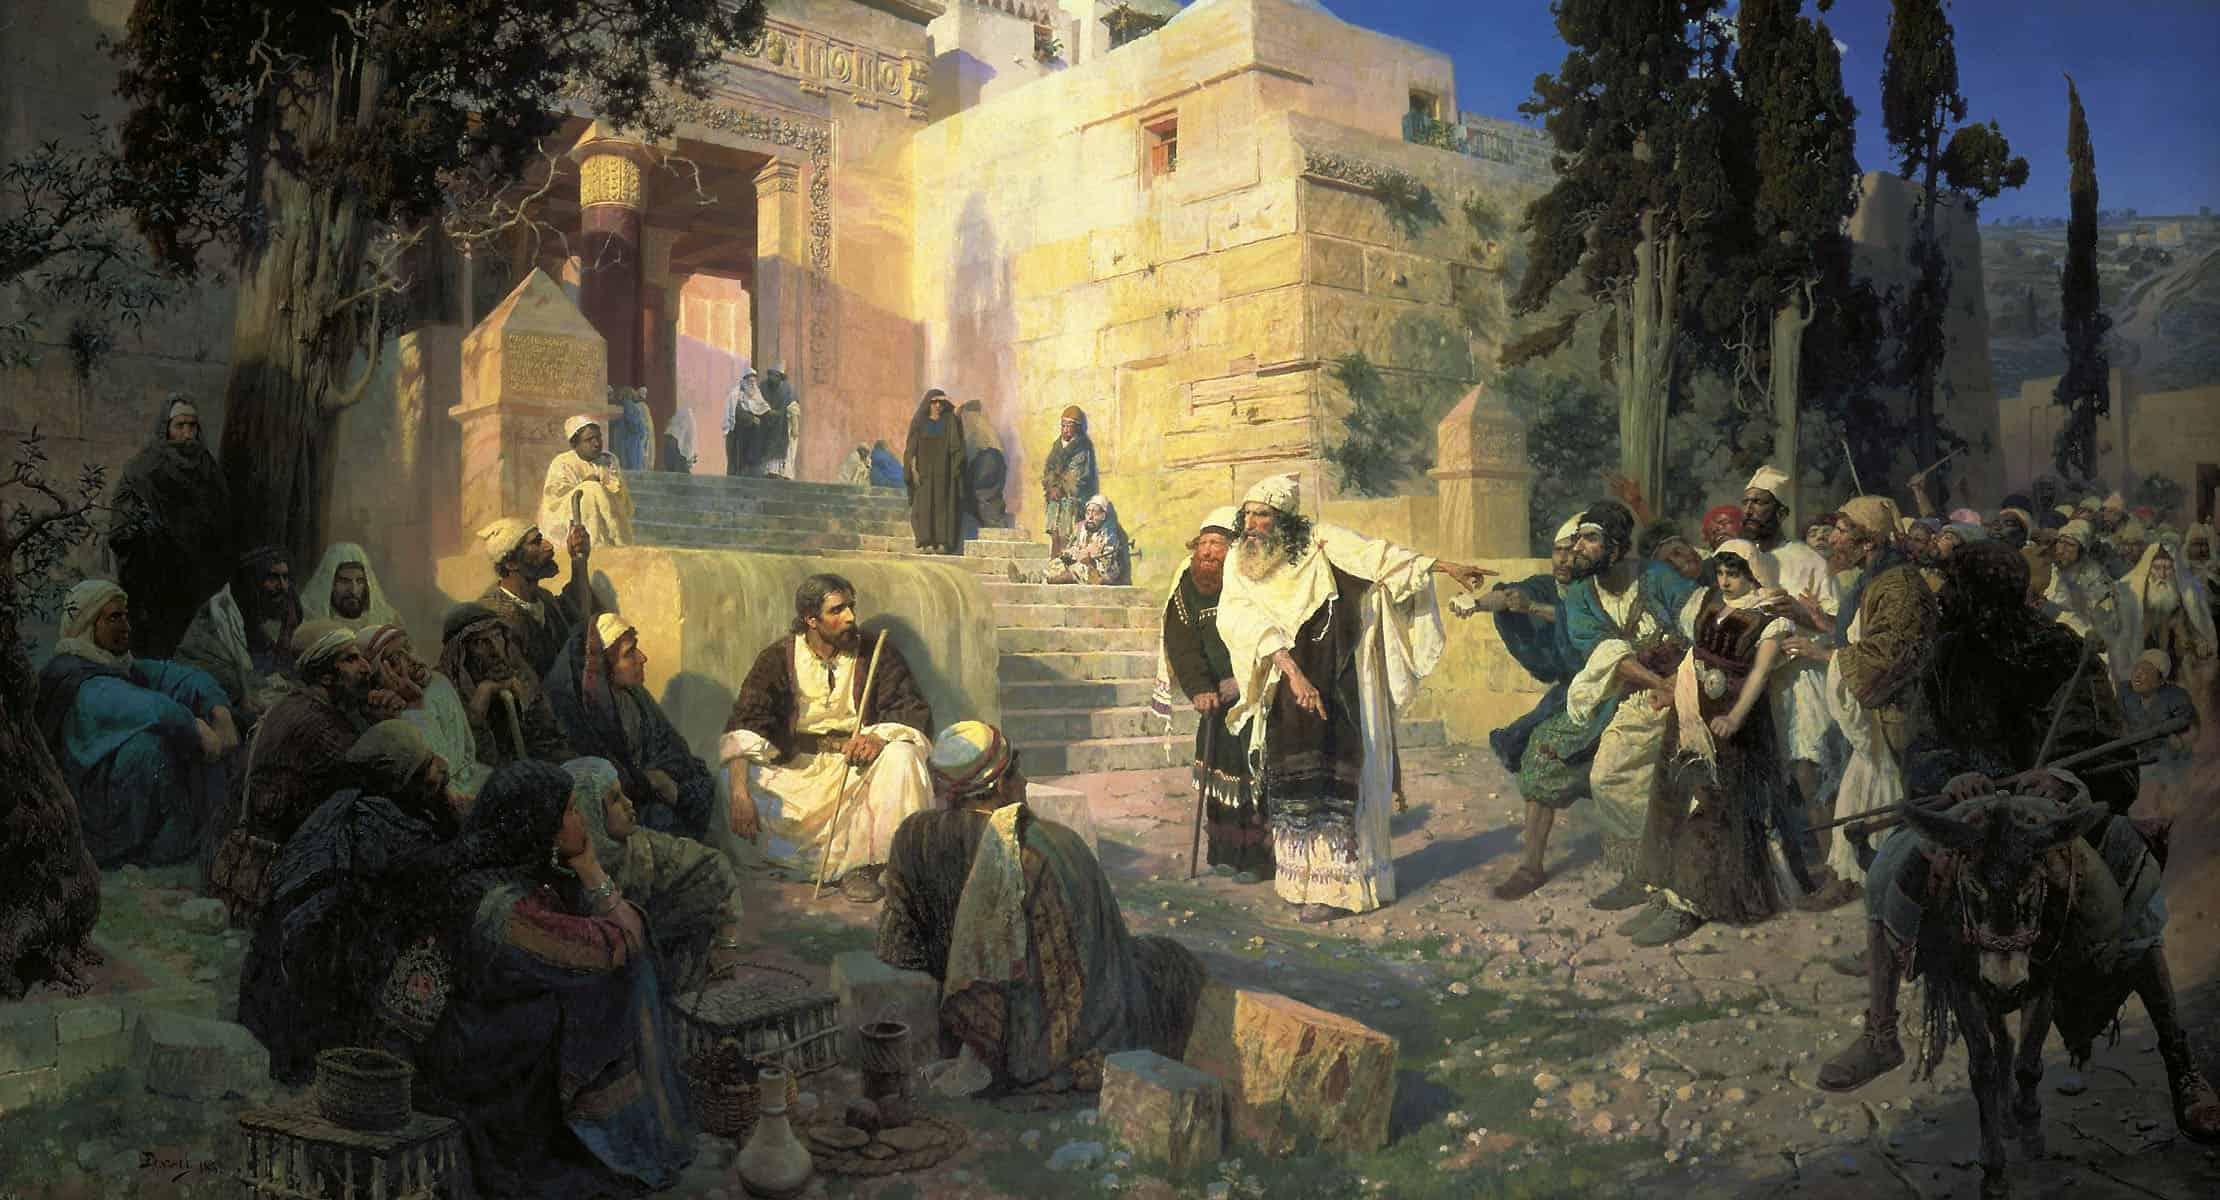 Где написано, что Христос писал на земле, когда привели блудницу?